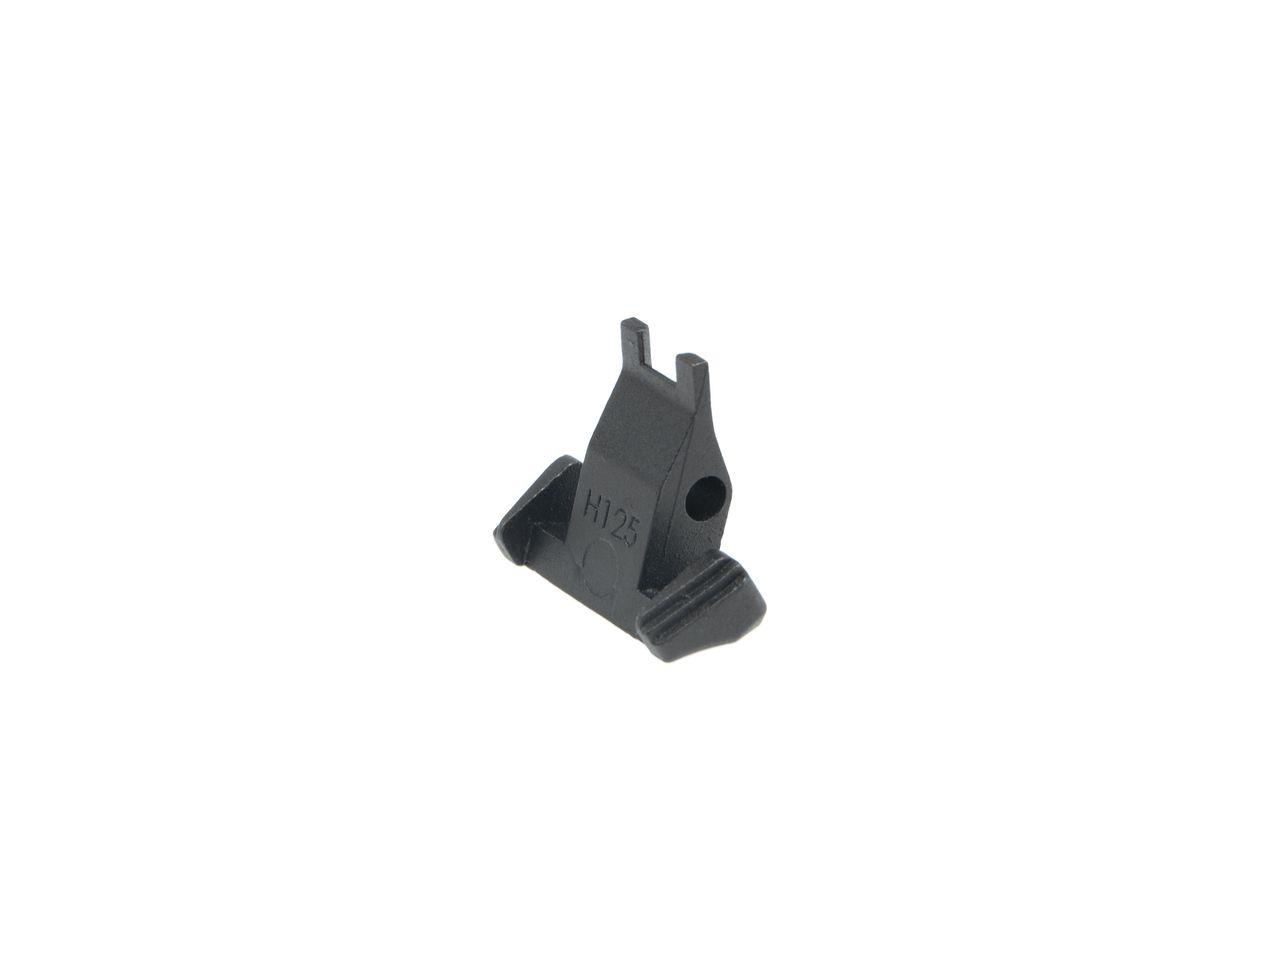 Umarex USPパーツ 03-37 マガジンキャッチ(VGC6MAG340)